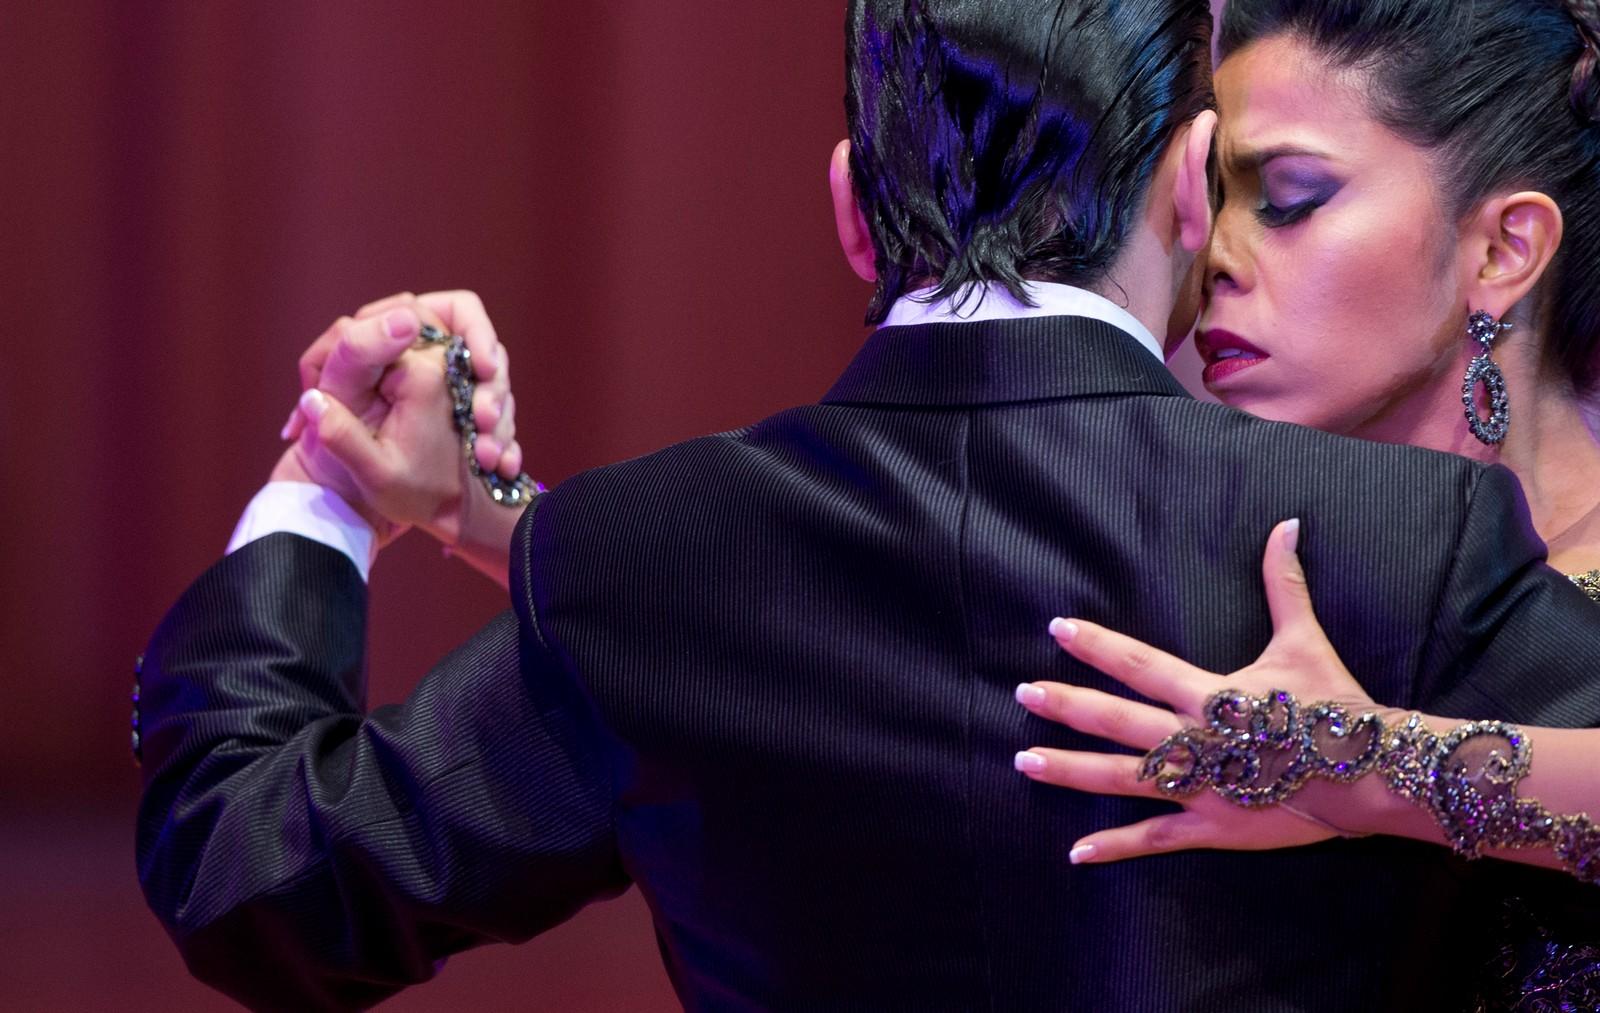 Liliana Macchiabello og Alejandro Triunveri fra Colombia deltok denne uka i VM i tango. Arrangementet fant (selvsagt) sted i Buenos Aires, Argentina.